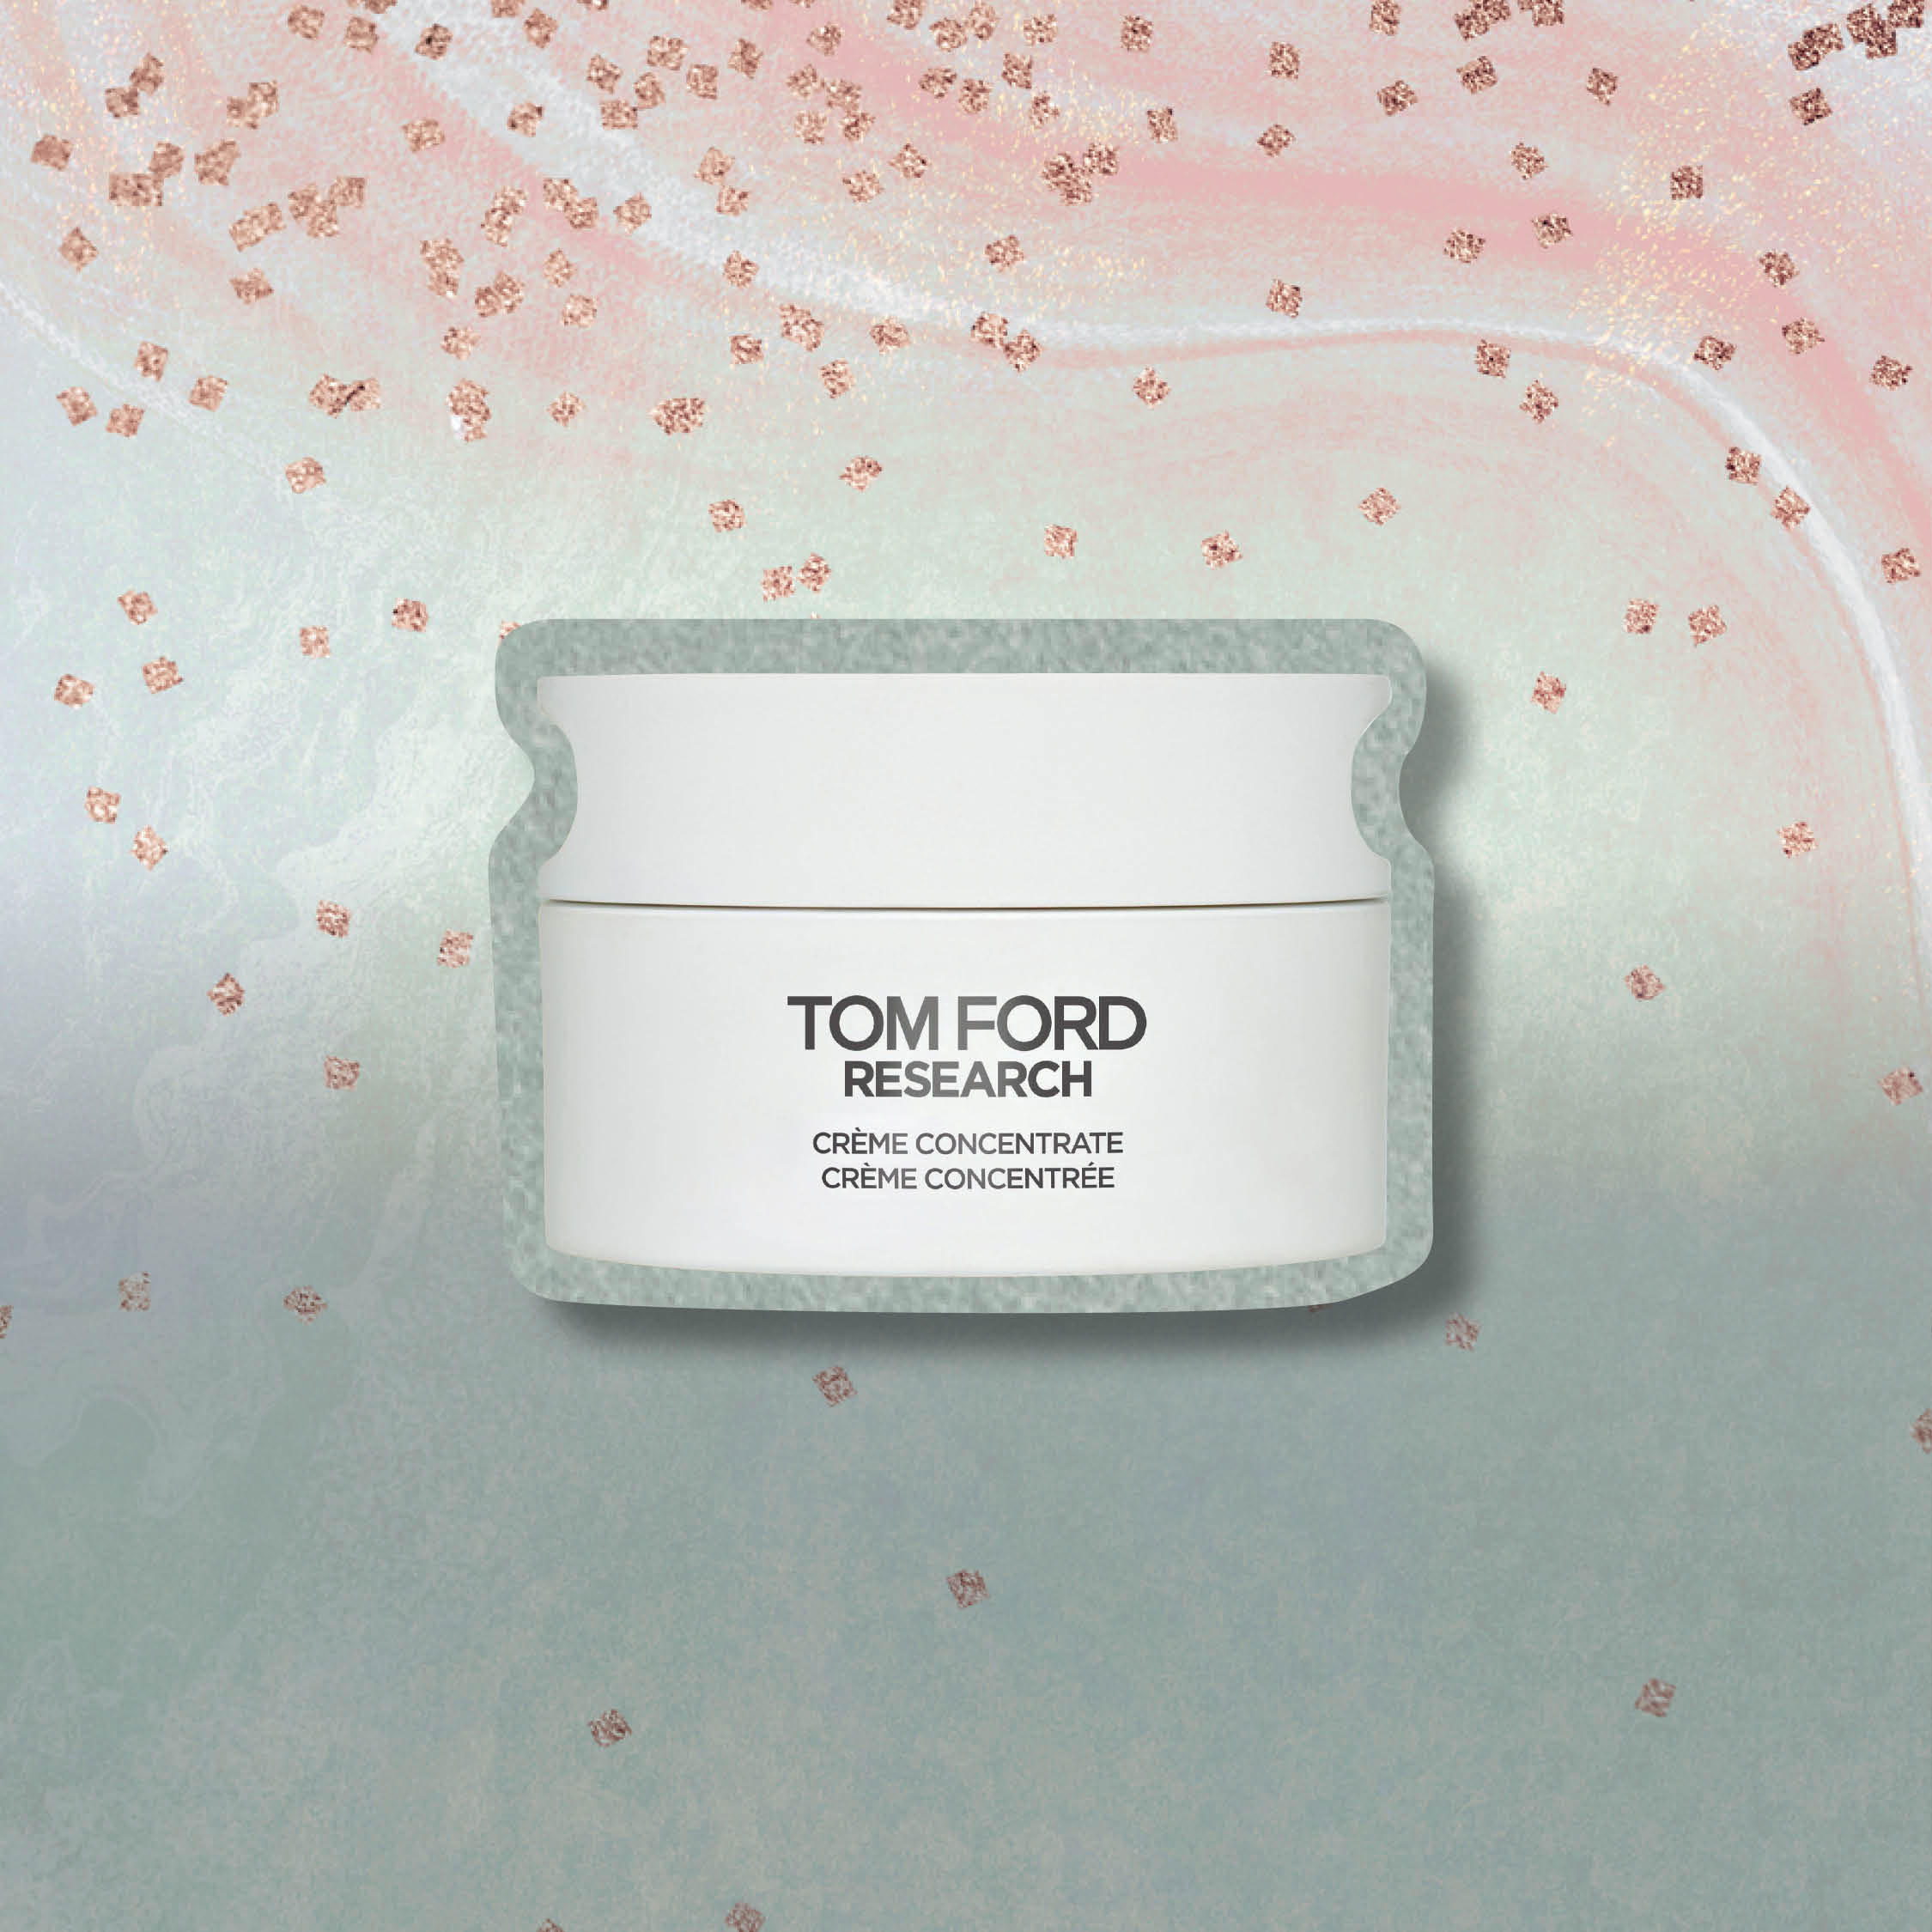 Grooming Awards 2020 - Best Moisturiser for Dry Skin. Art Direction: Jonathan Tai